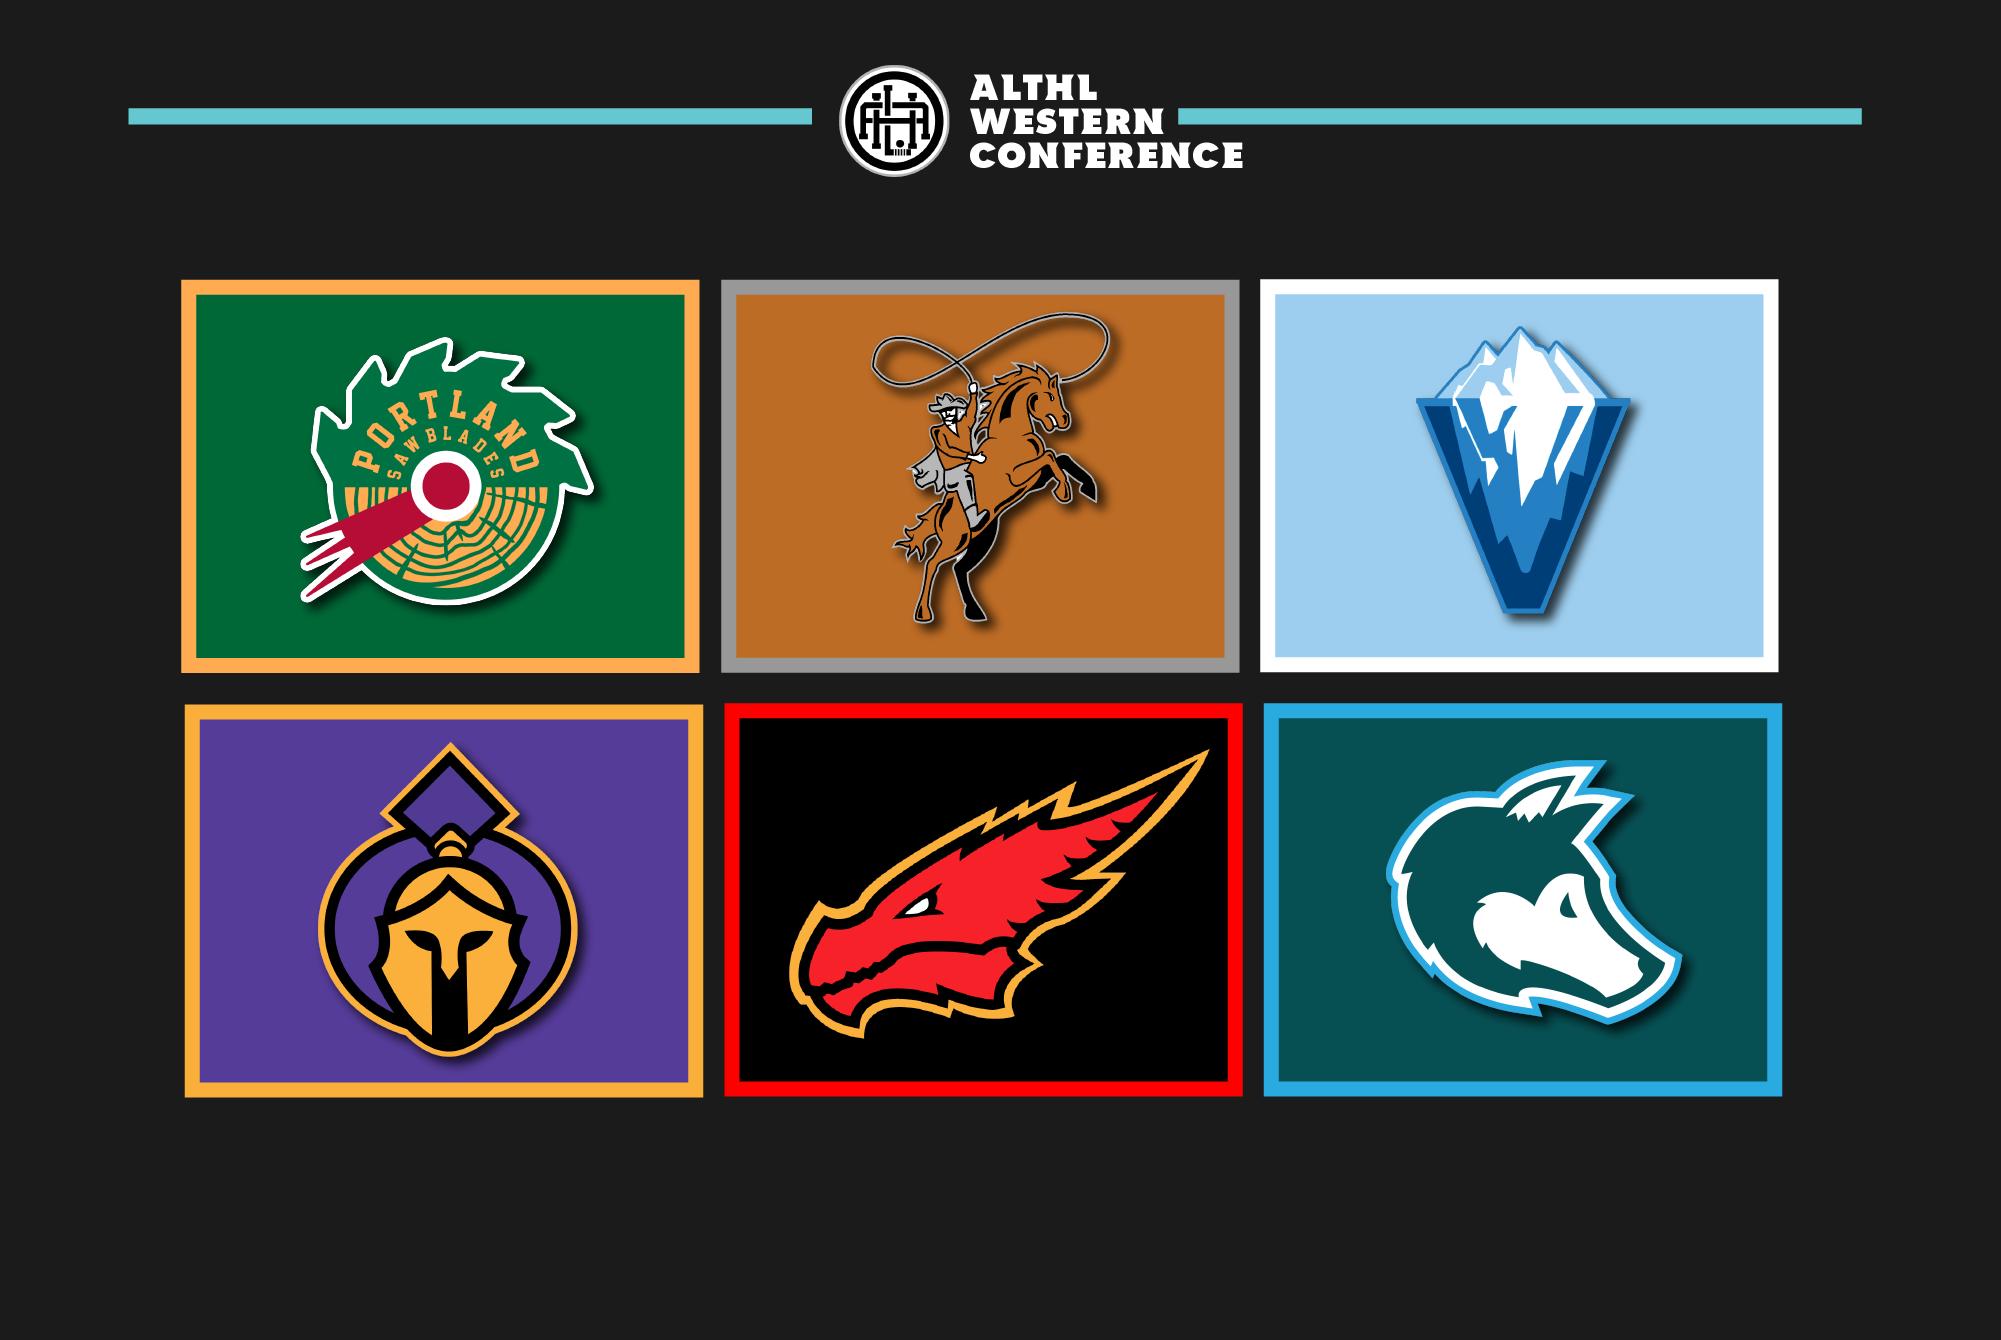 https://i.ibb.co/3vqKkm0/Alt-HL-West-Final-Logos.png